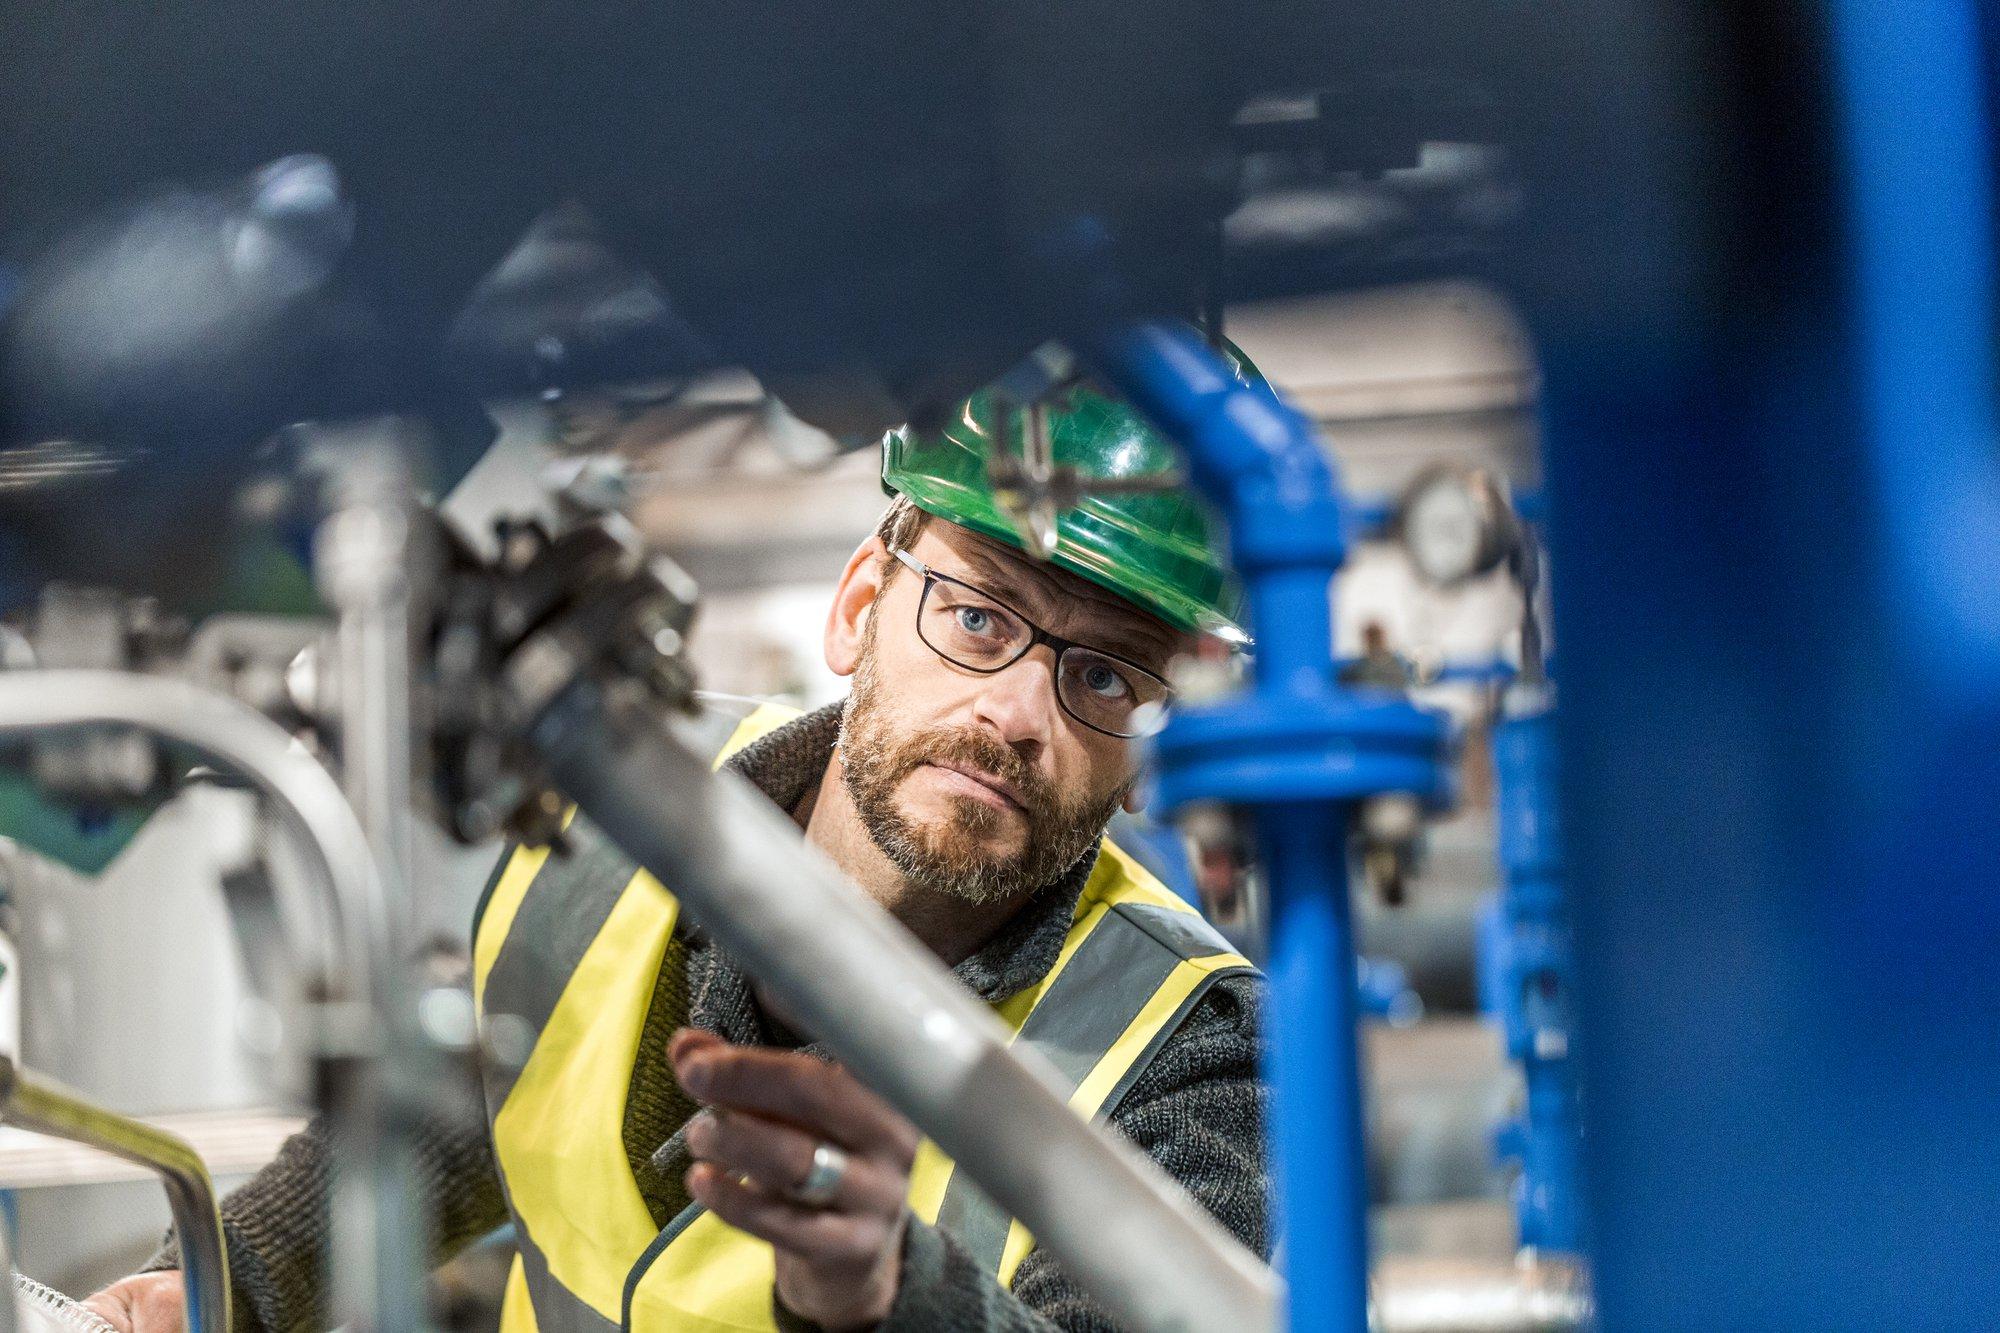 De basisprincipes in machineveiligheid toegelicht voor fabrikanten: interview met Dirk Van Mechelen, Manager Prosave